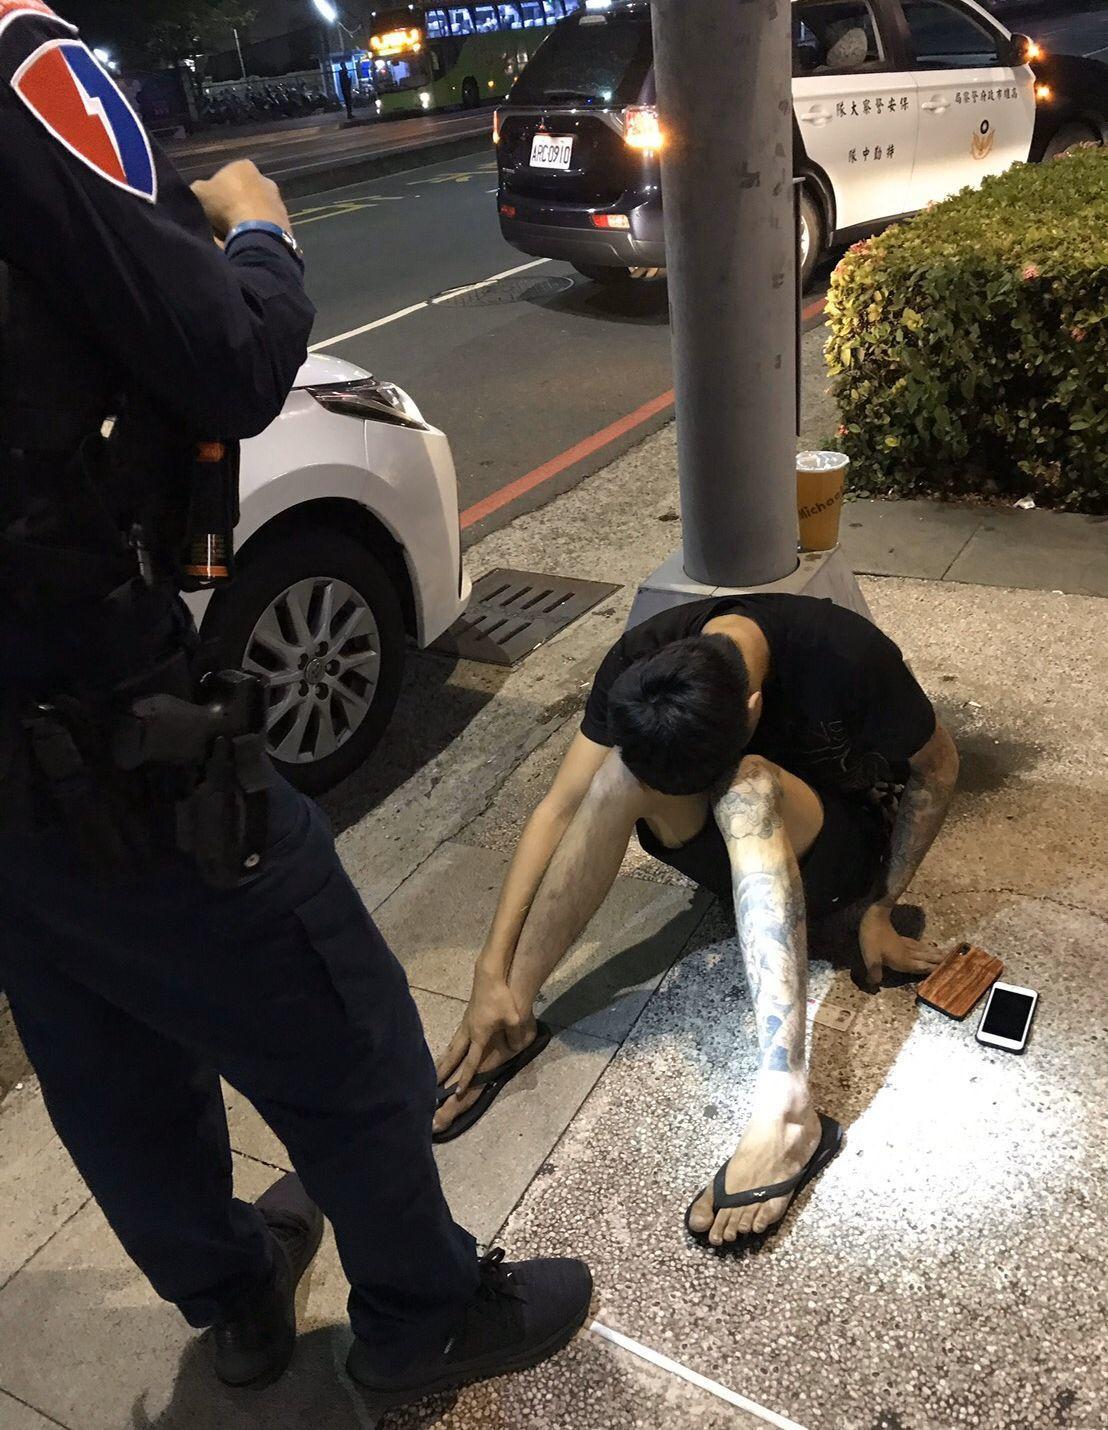 李姓男子遇警攔查,佯裝癲癇發作,癱坐地上。記者林保光/翻攝